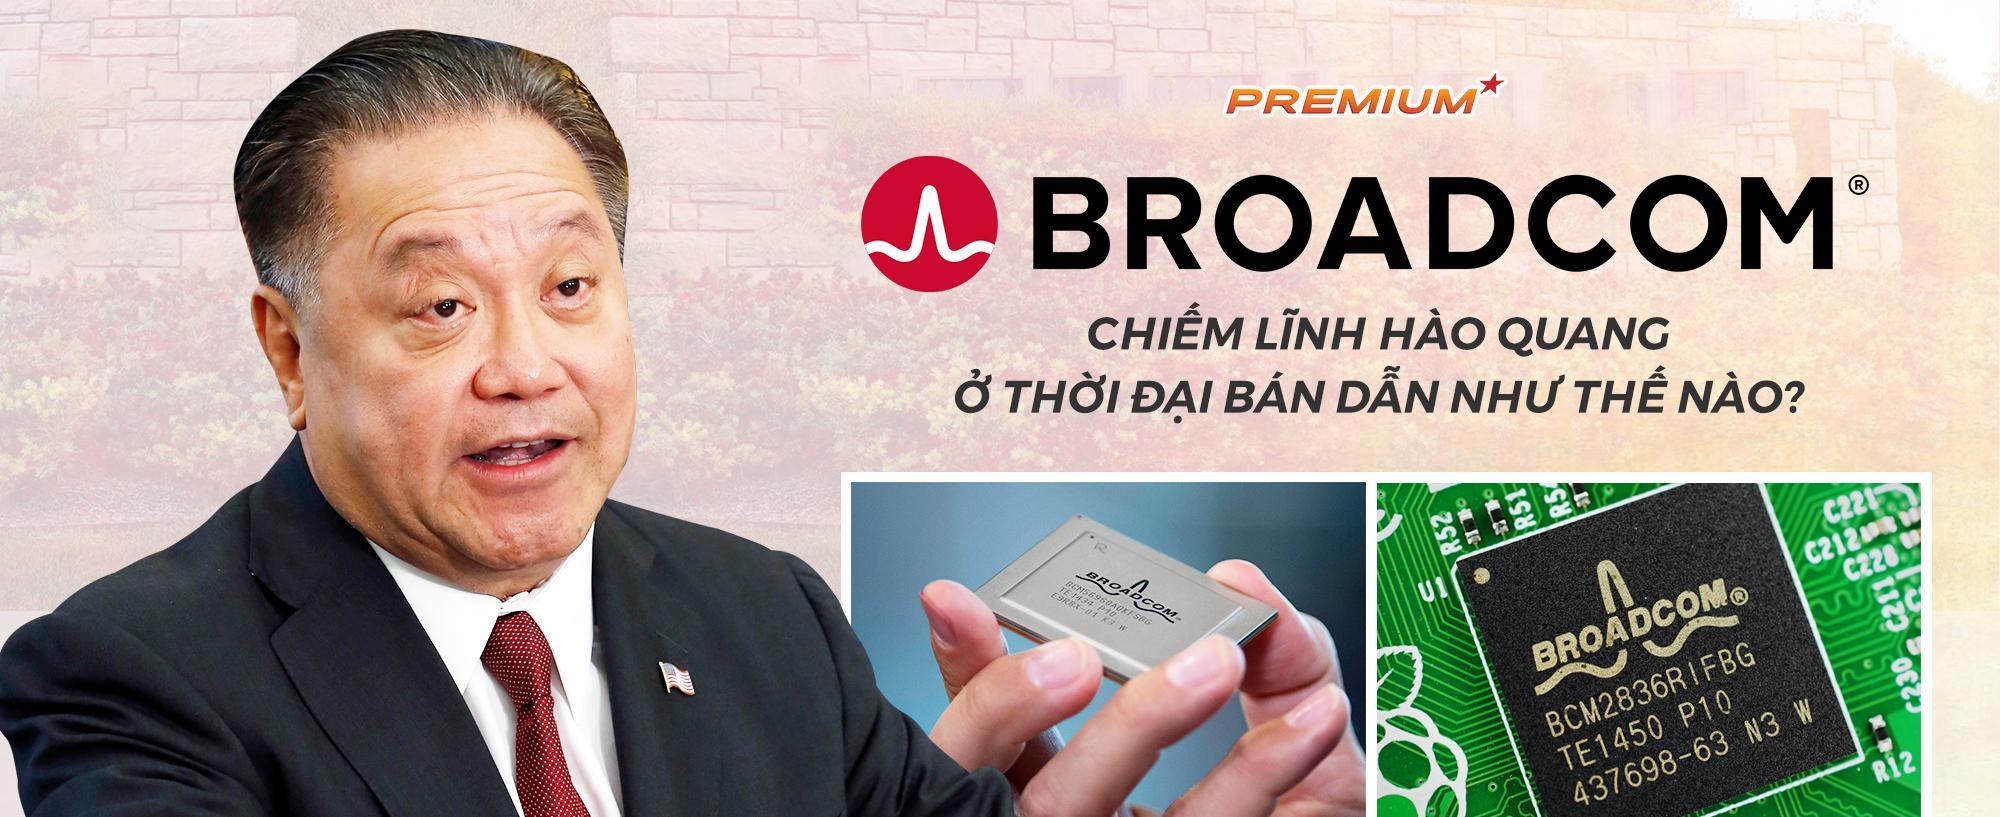 Broadcom chiếm lĩnh hào quang ở thời đại bán dẫn như thế nào?